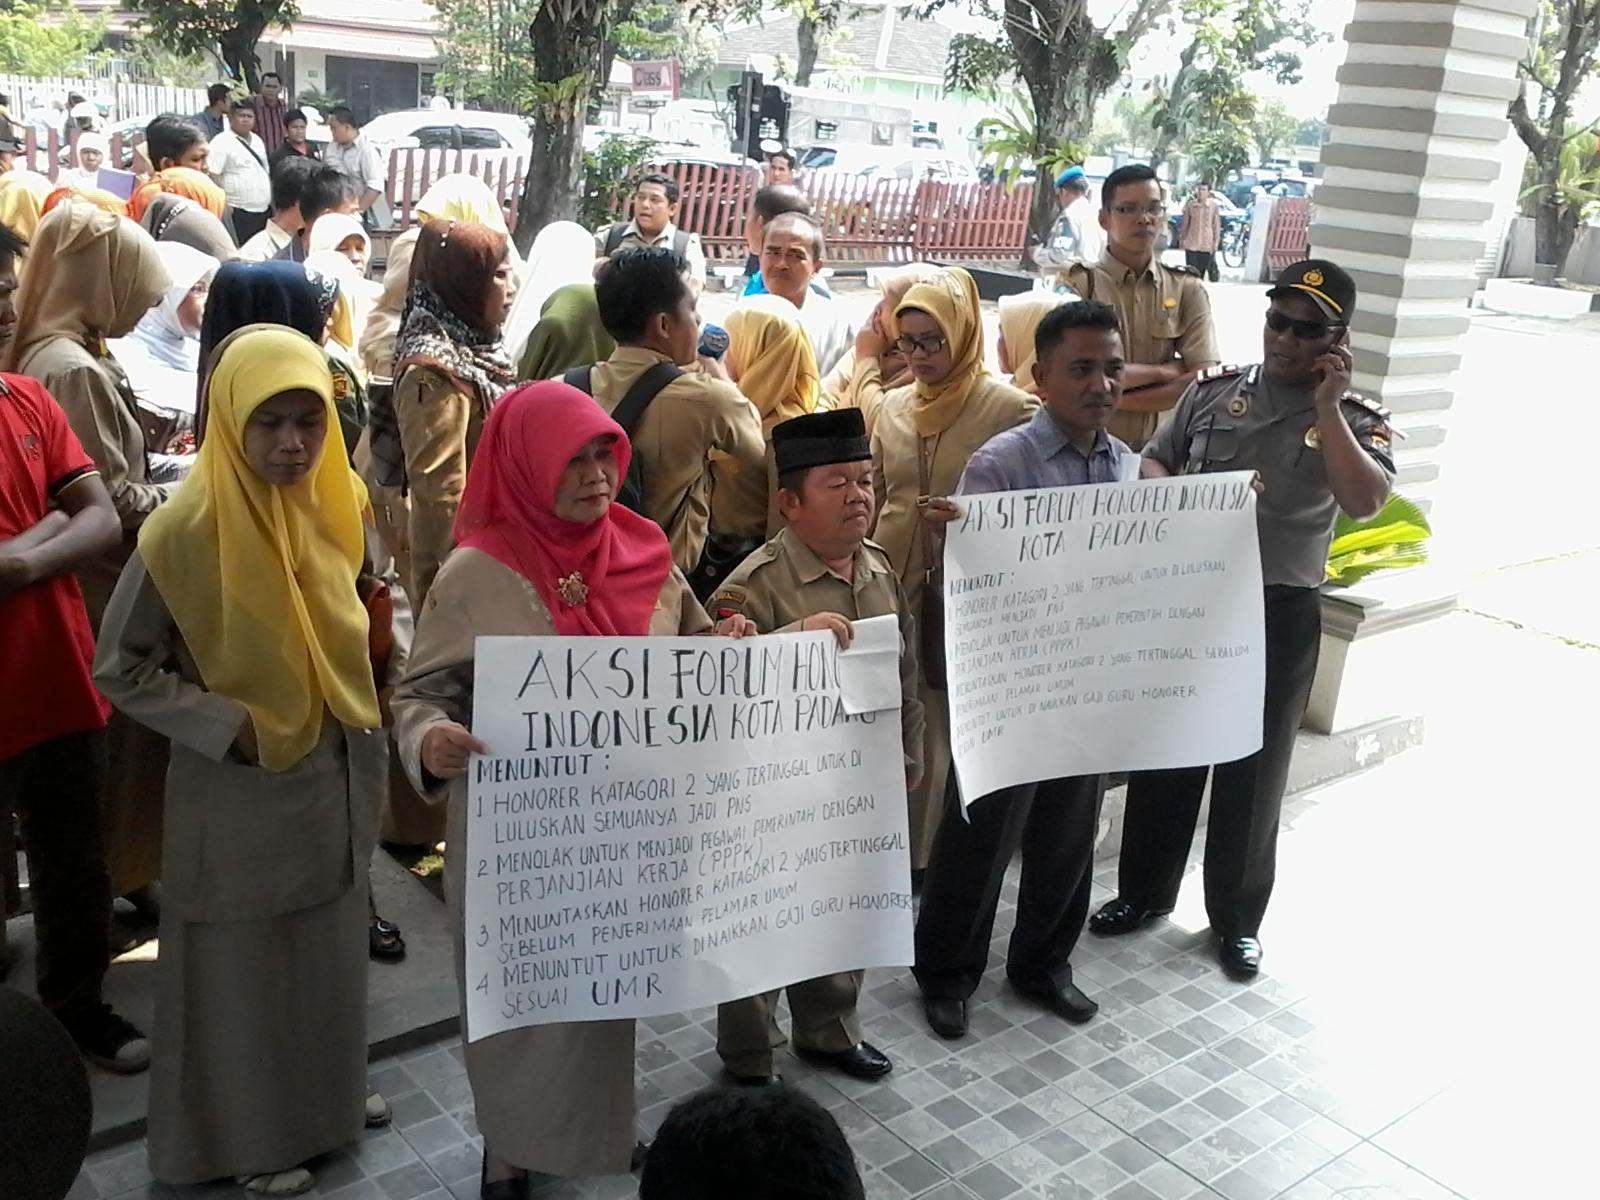 Persatuan Guru Tidak Tetap (PGTT) saat berorasi didepan Gedung DPRD Kota Padang. FOTO/IKHWAN